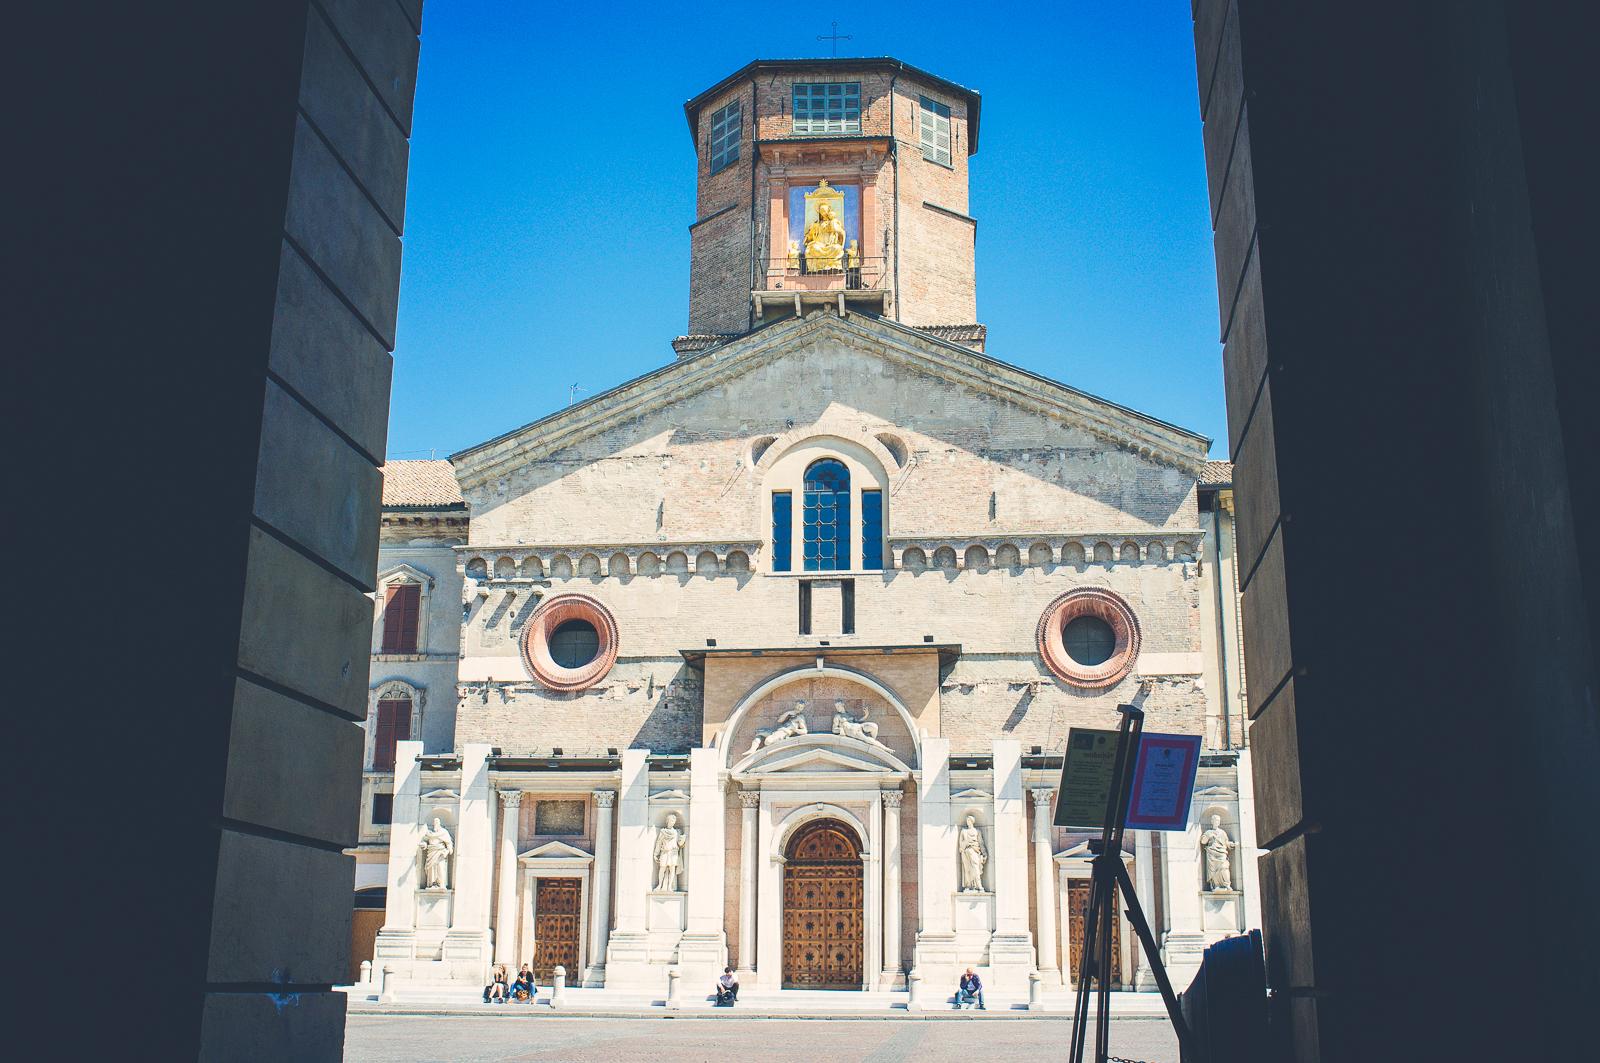 Reggio-Emilia - Italy